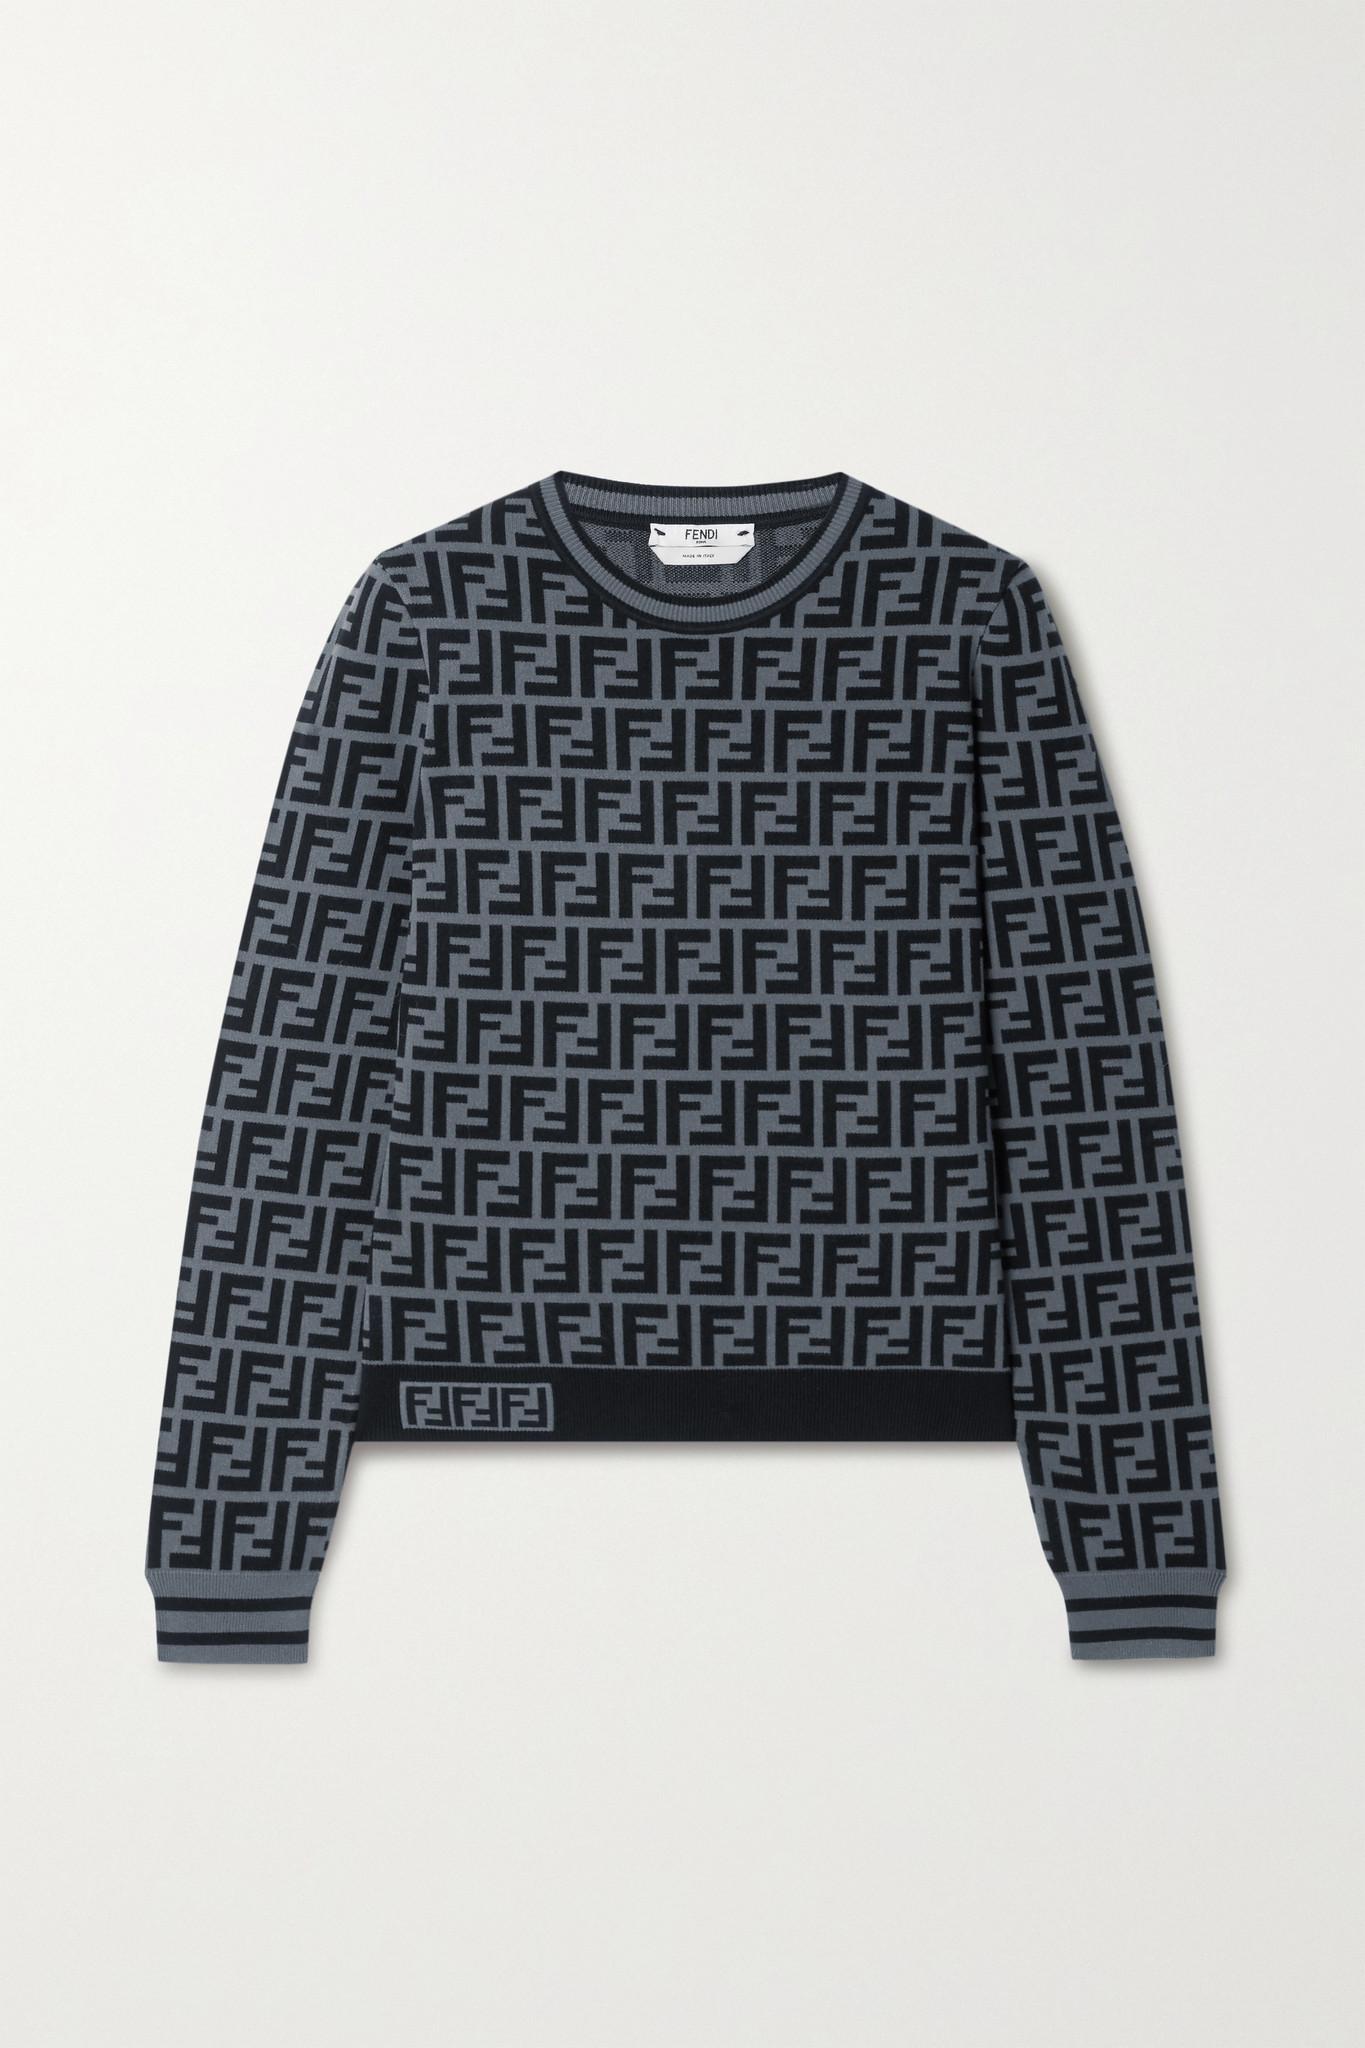 FENDI - Jacquard-knit Sweater - Gray - IT36